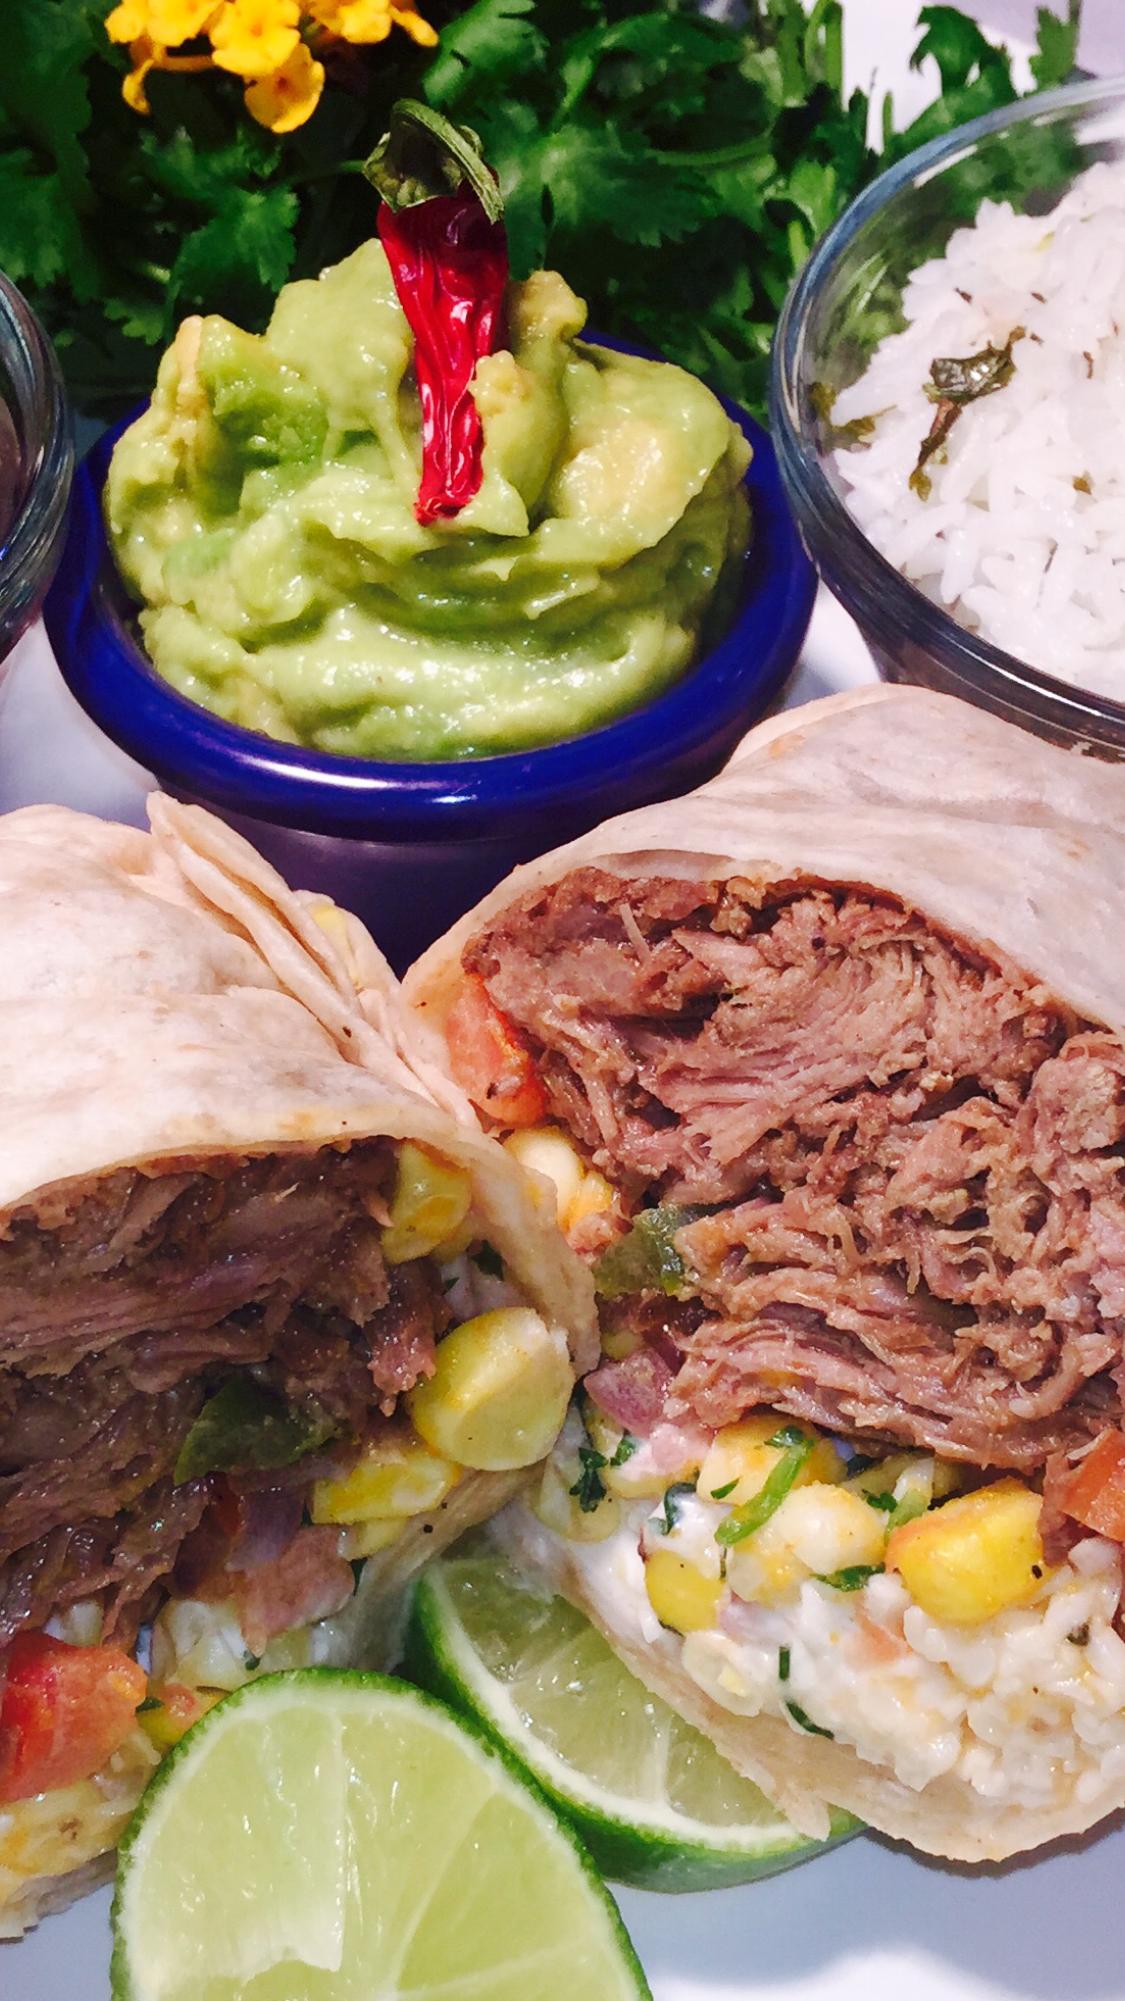 BEEF BURRO (Burrito) - YUM!